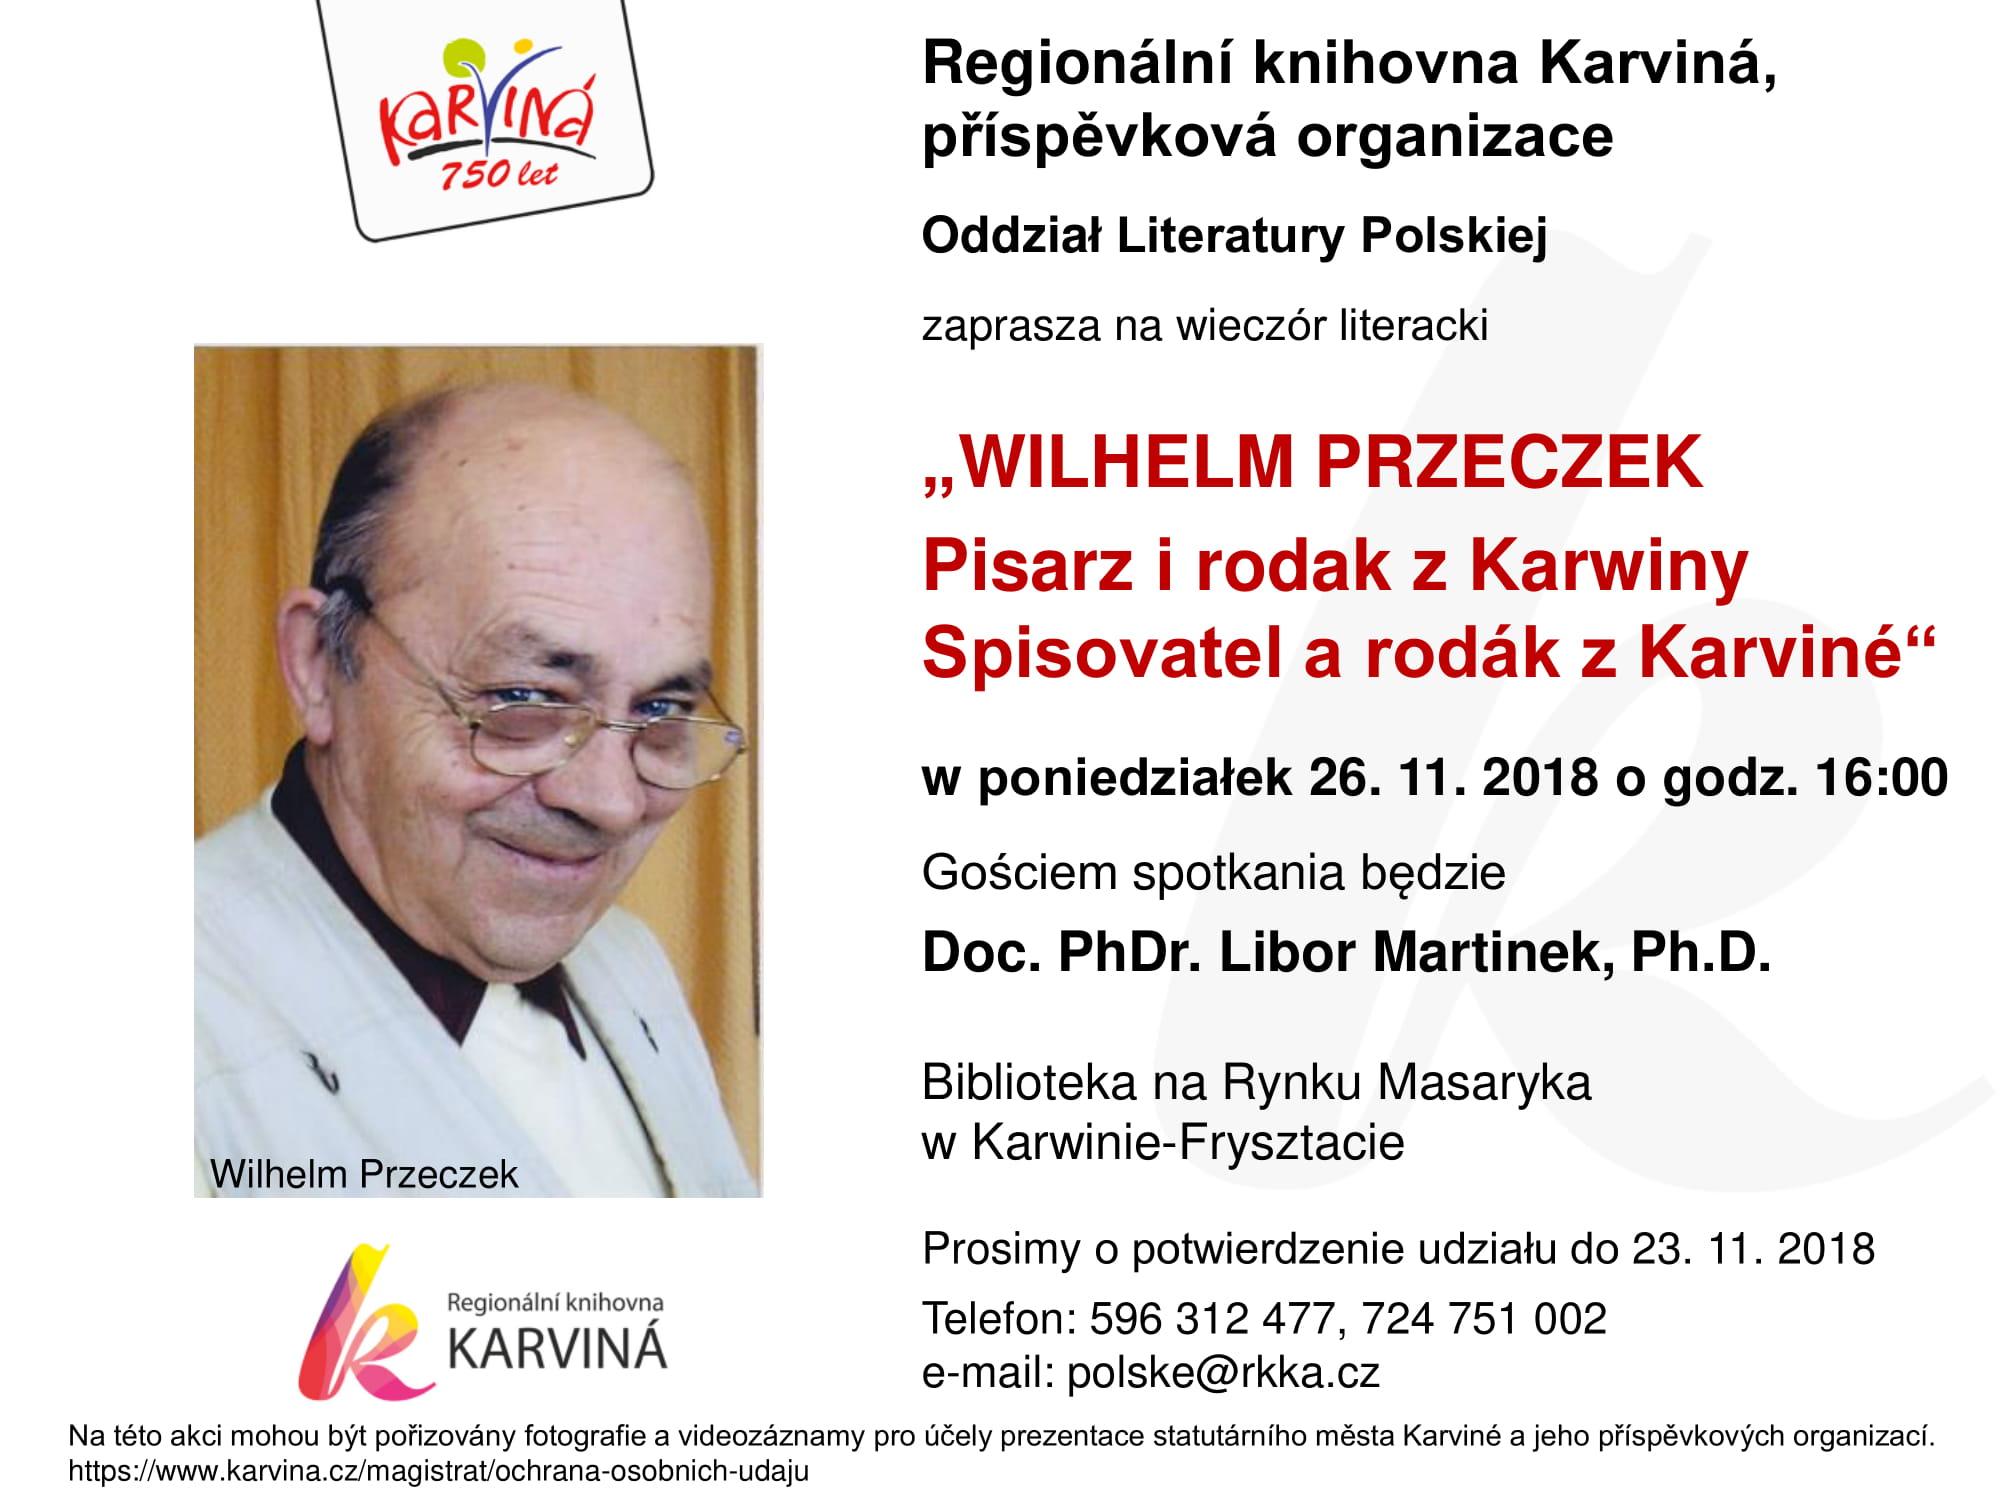 Zaproszenie Na Wieczór Literacki Sci24pl